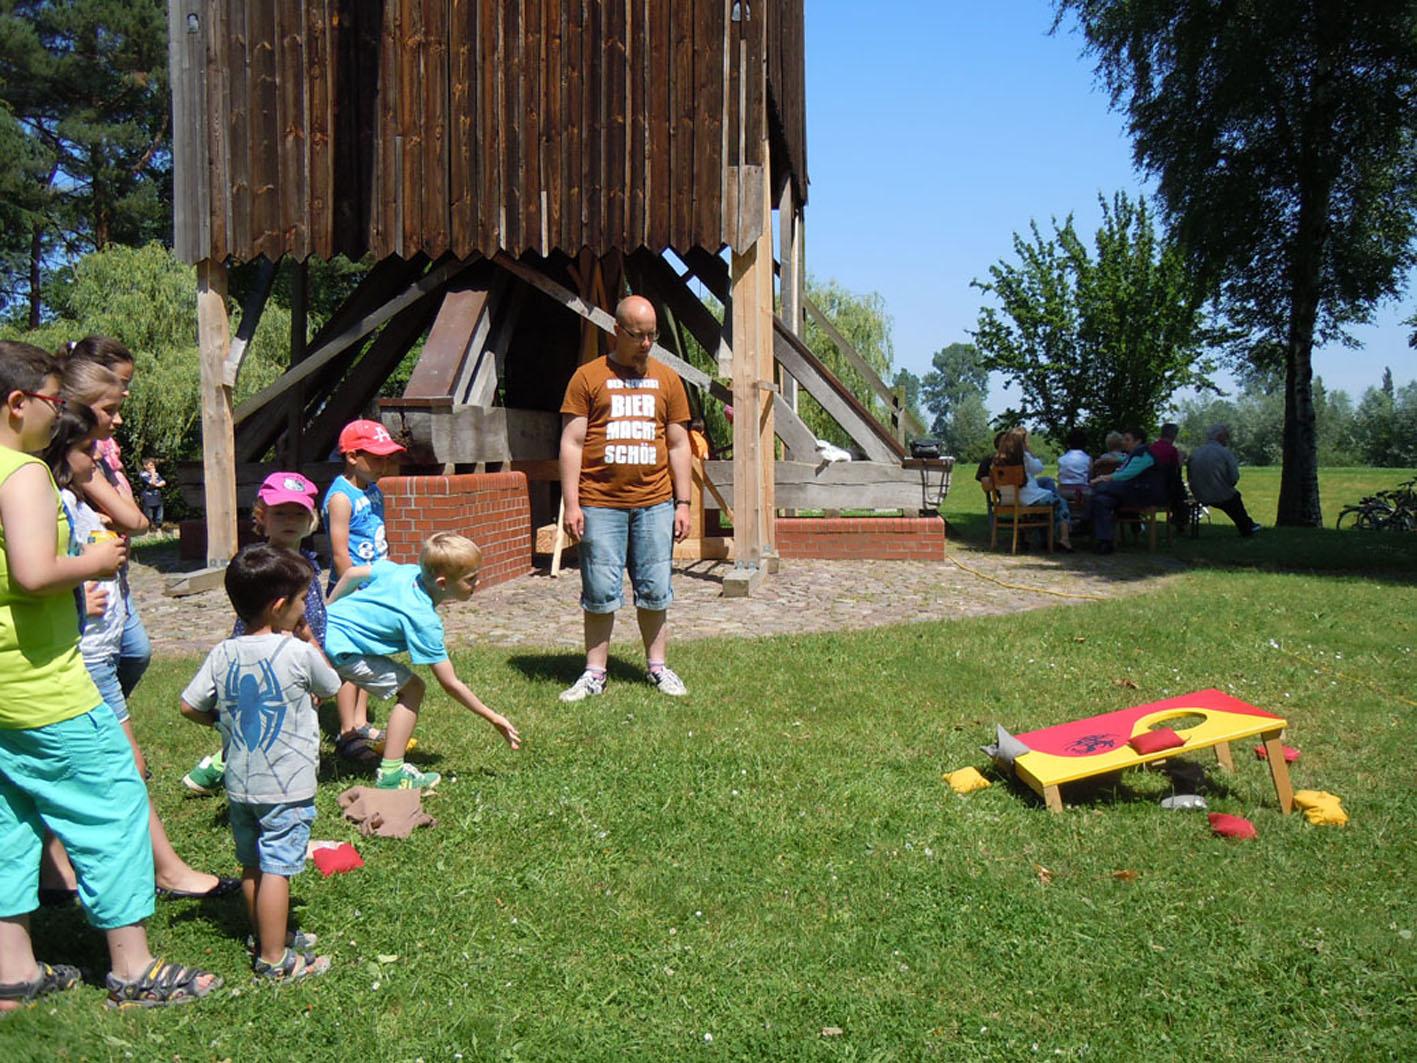 Das Ehrenamt als Kinderspiel - Bild vom Mühlenfest 2014